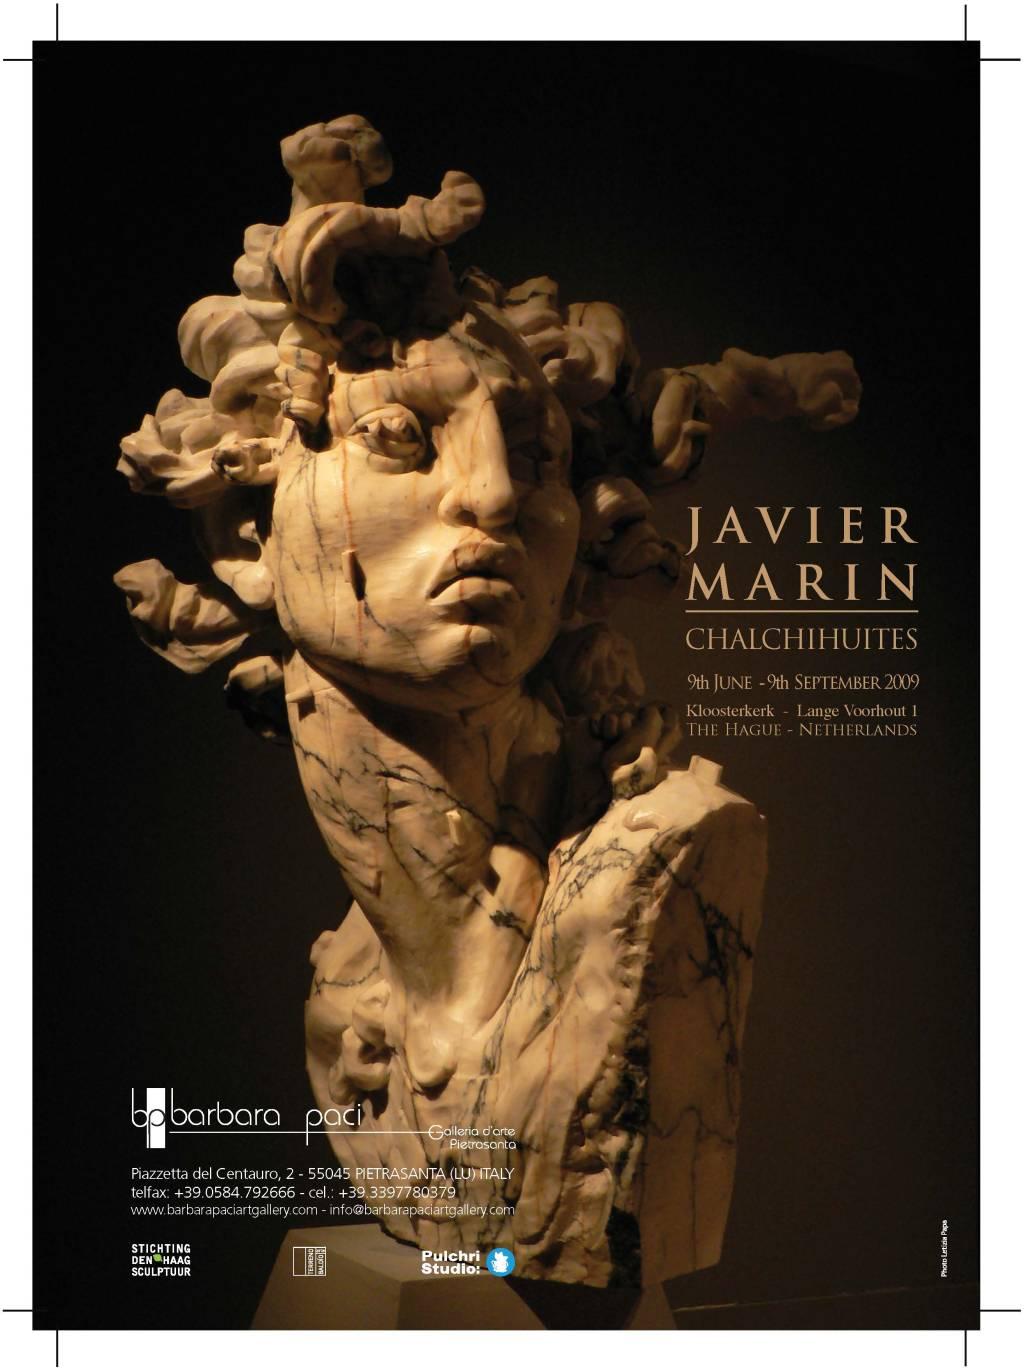 Javier Marin - De 3 en 3 - The Hague, Netherlands